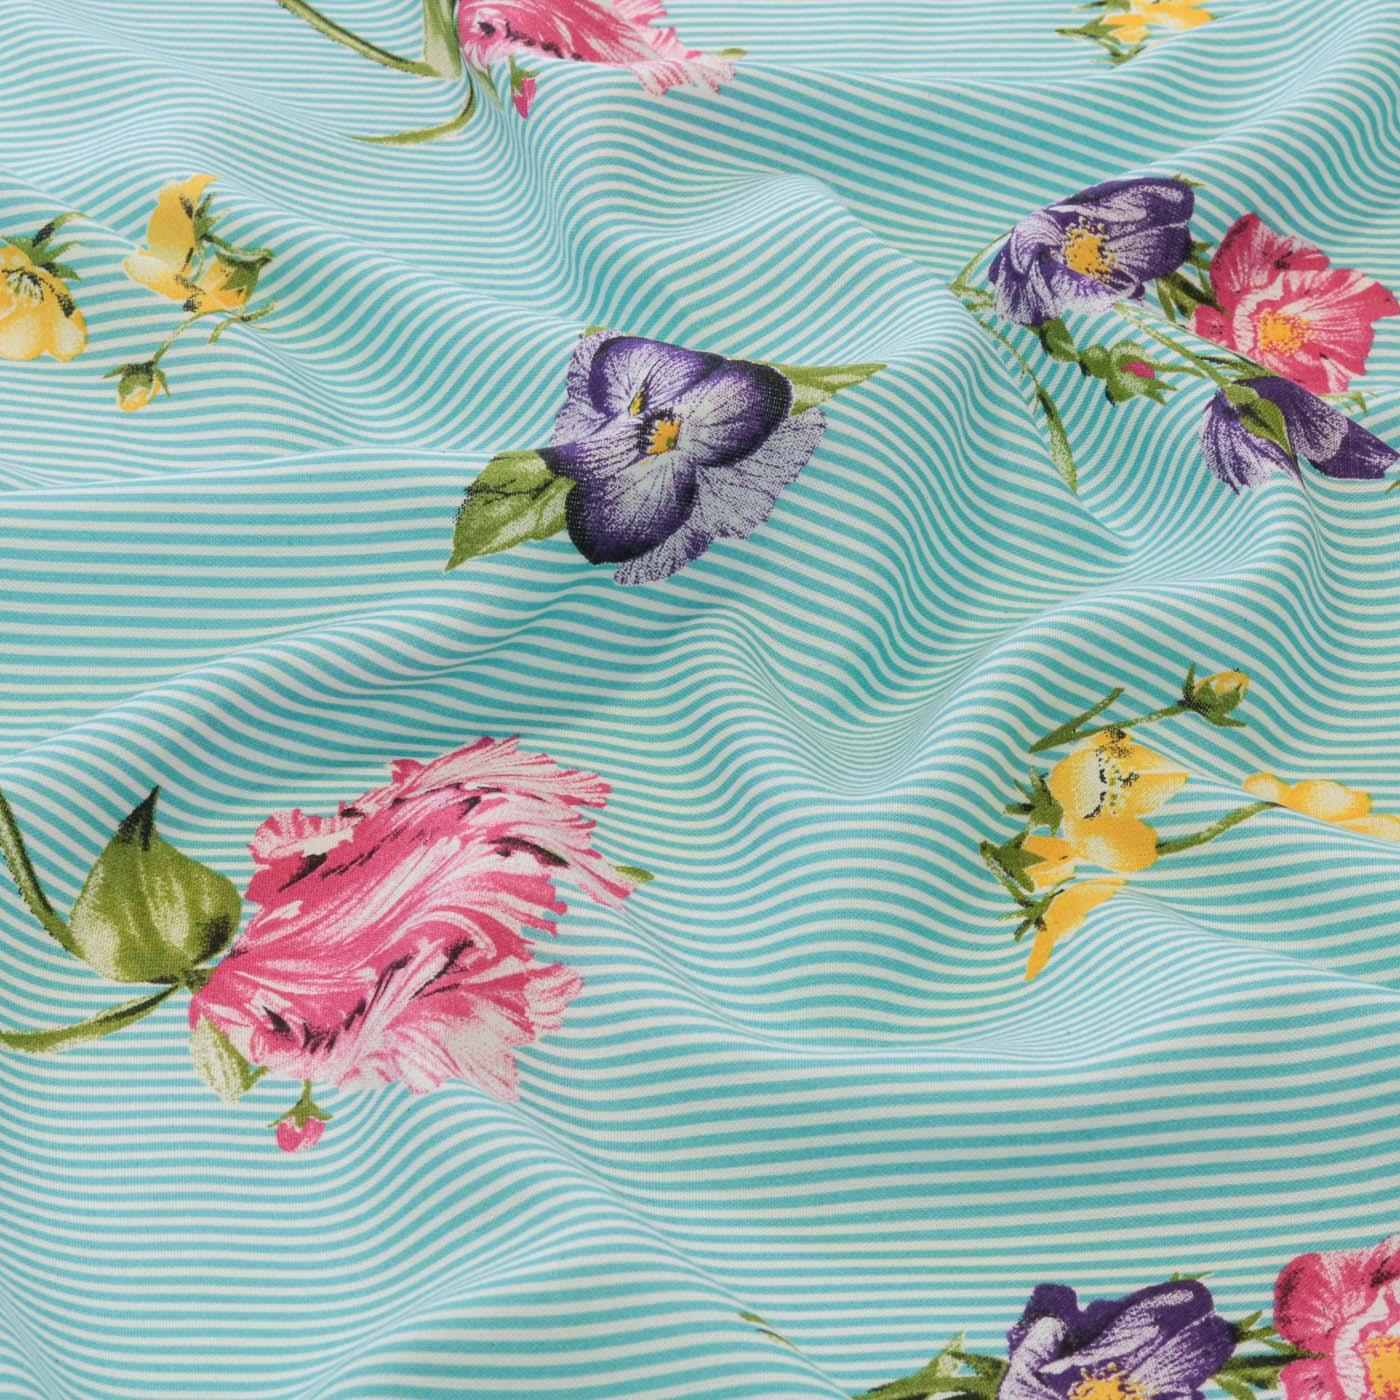 Tecido Viscose Estampado Listrado Floral 100% Viscose Azul Claro